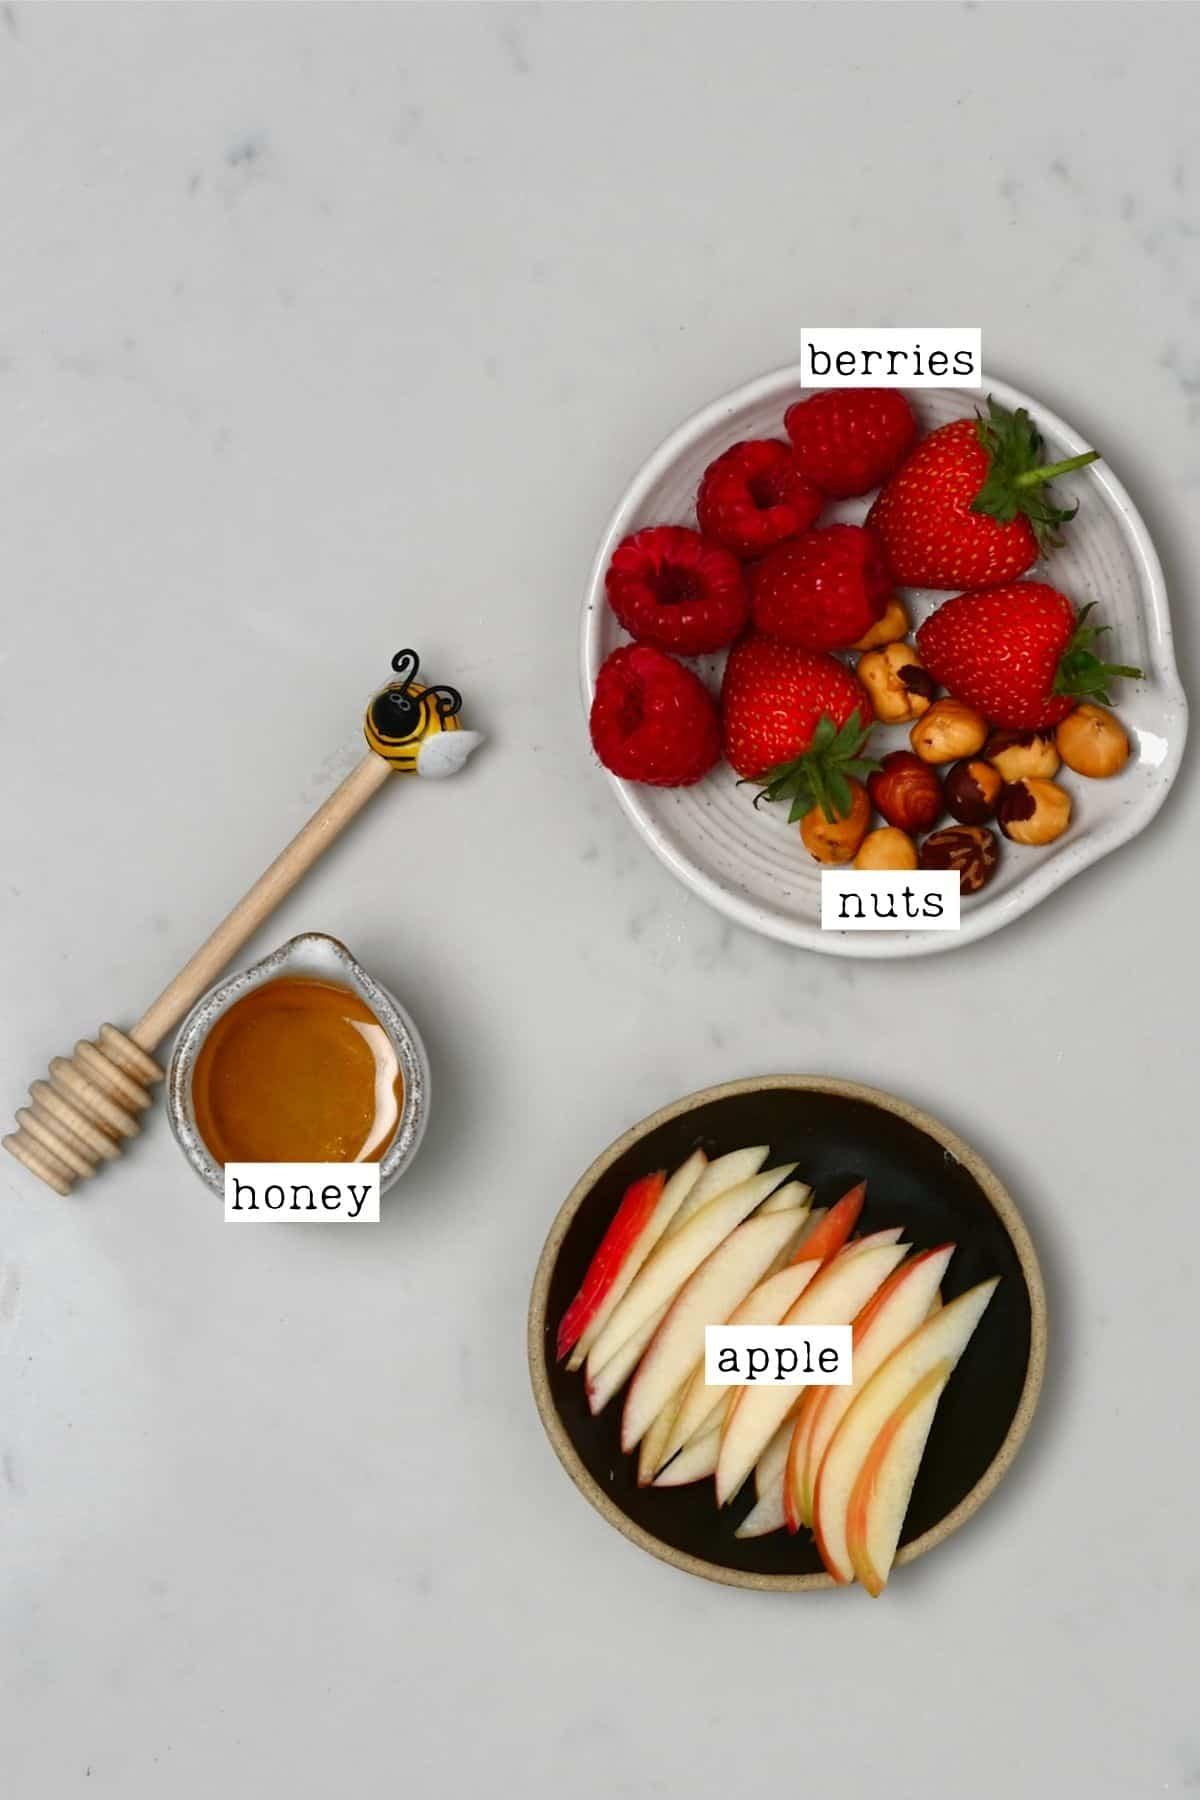 Toppings for Bircher muesli